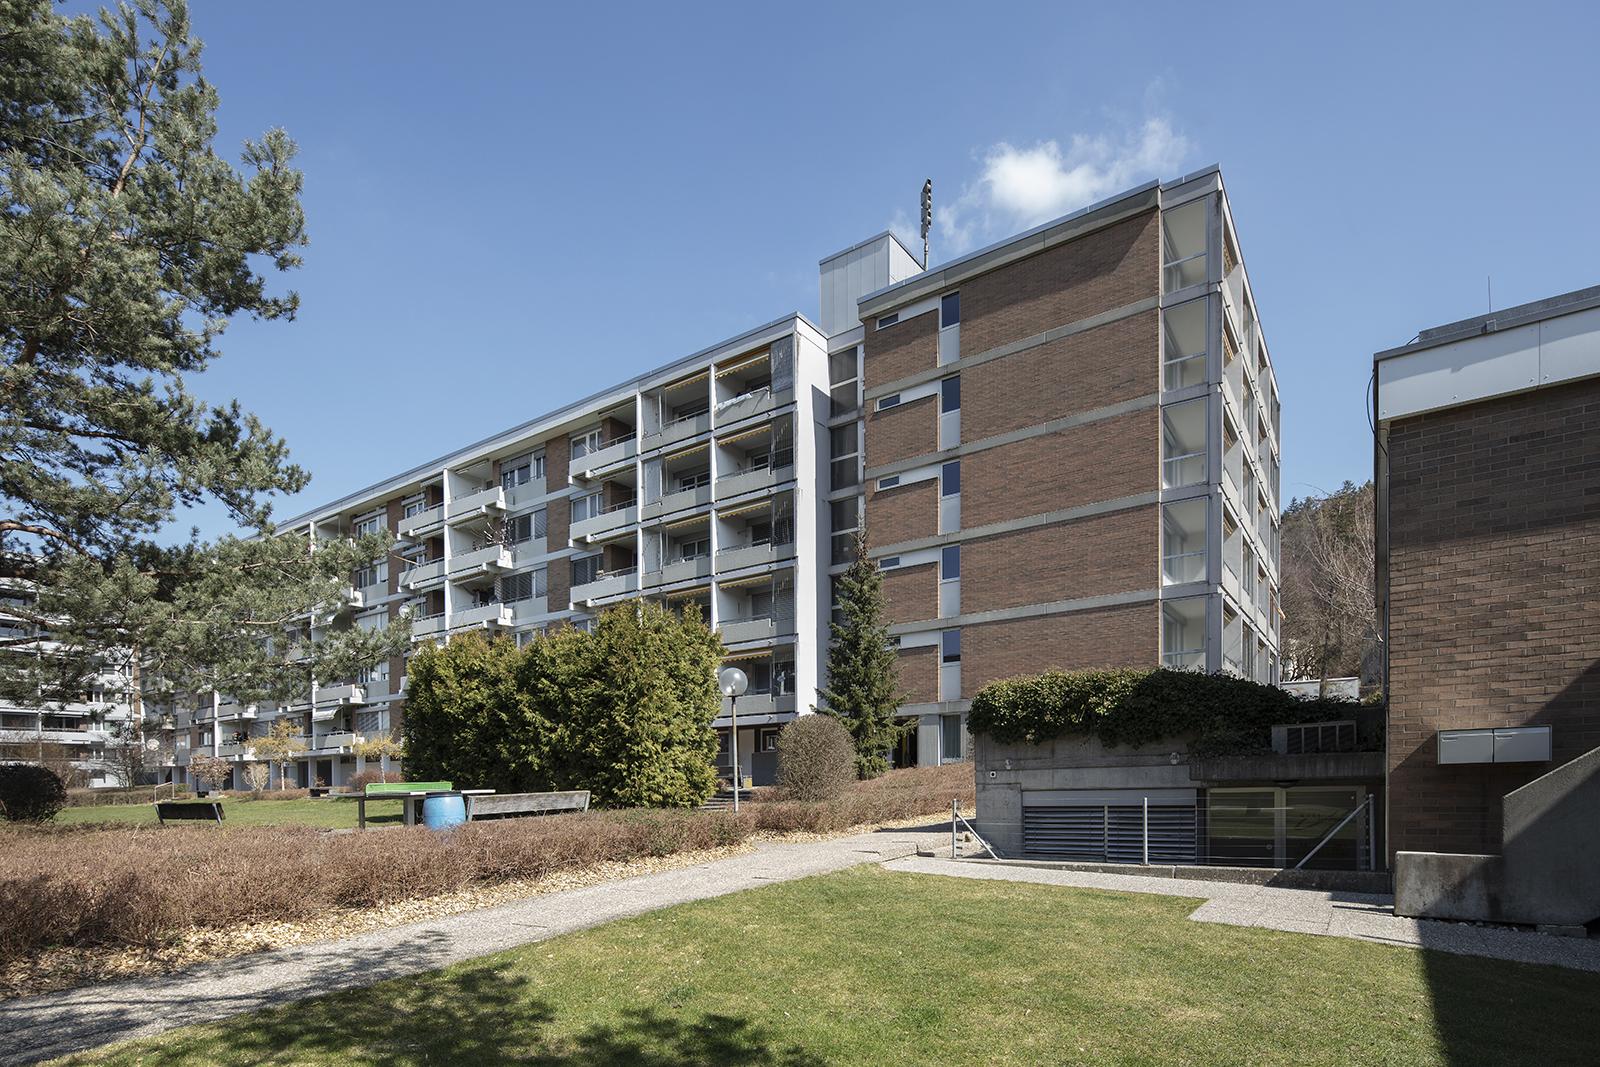 sanierung mfh kappelisackerstrasse 125   in zusammenarbeit mit loosli + partner ag, dipl. architekten und planer eth/sia ittigen   ittigen